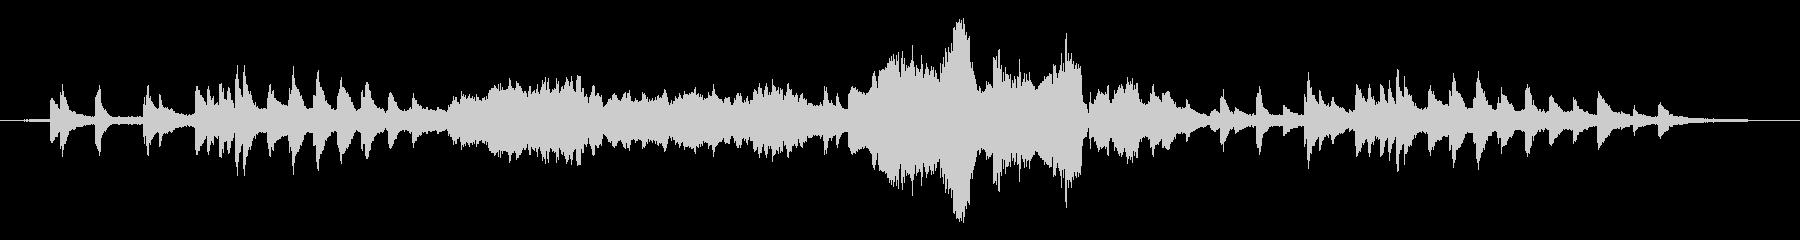 自然界の音と音楽のアンビエント作品の未再生の波形